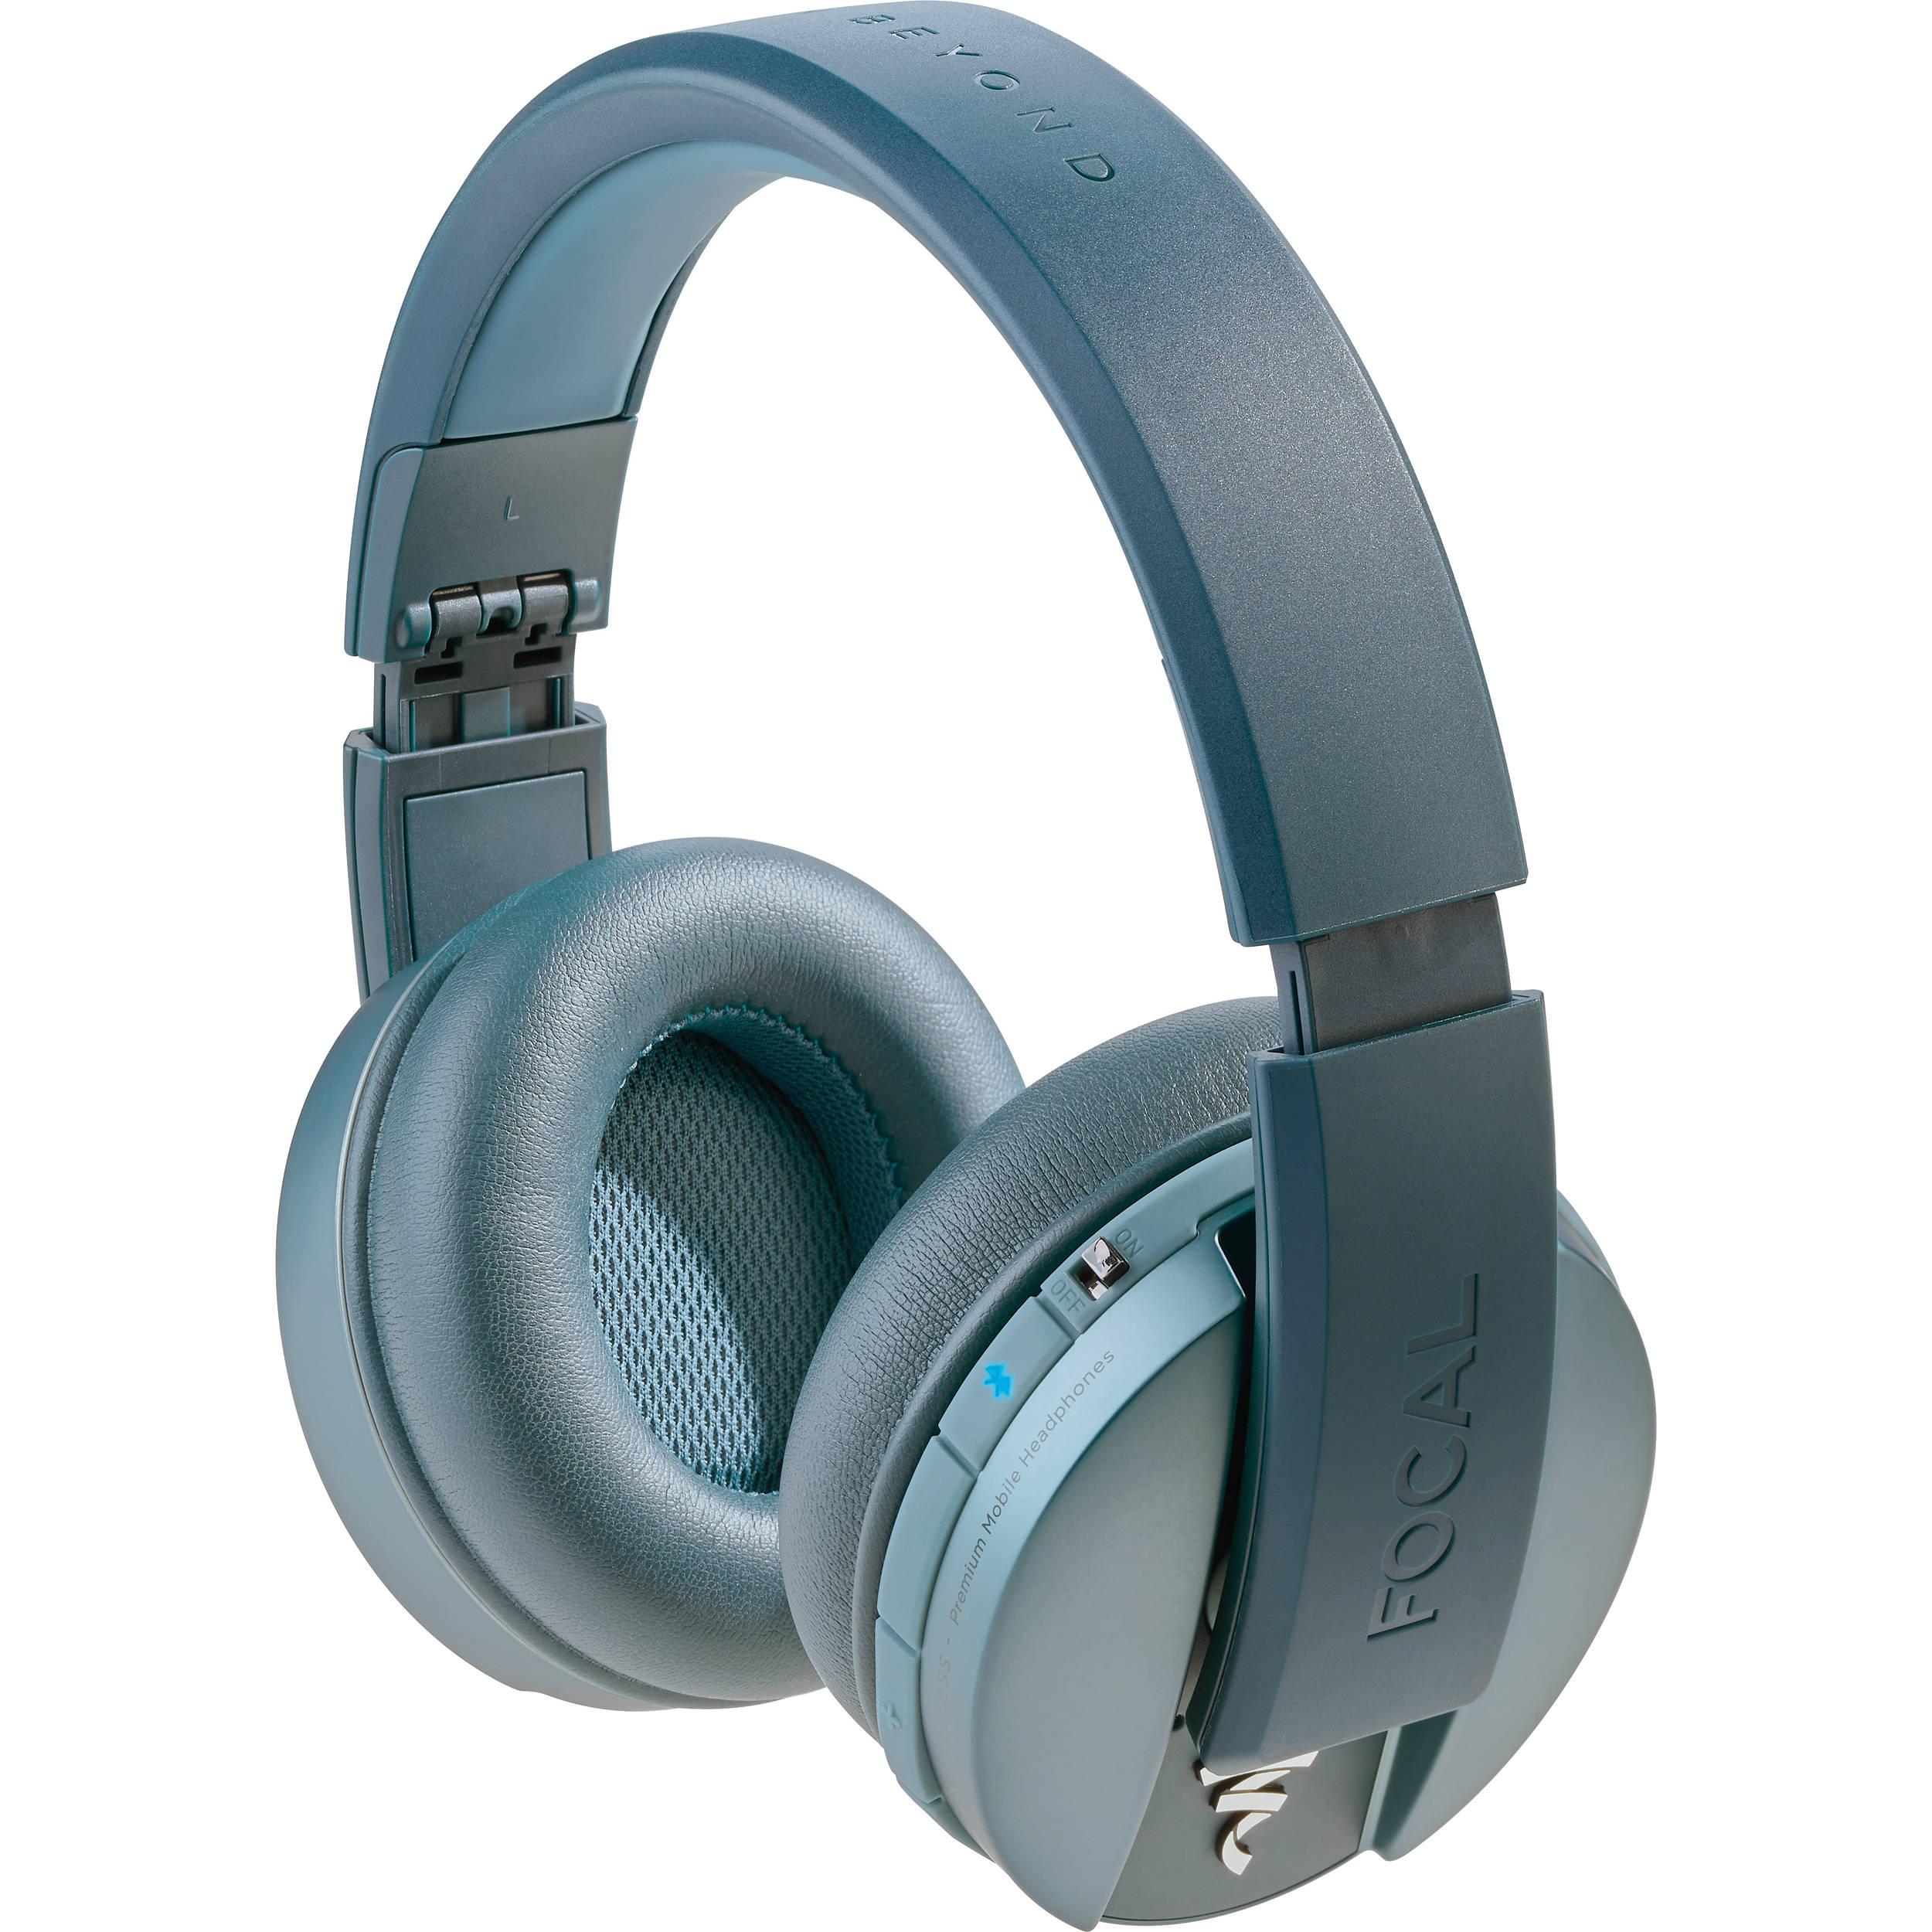 8556f6e9d46 Focal Listen Wireless Chic Over-Ear Headphones FLISTENWL-BLU B&H